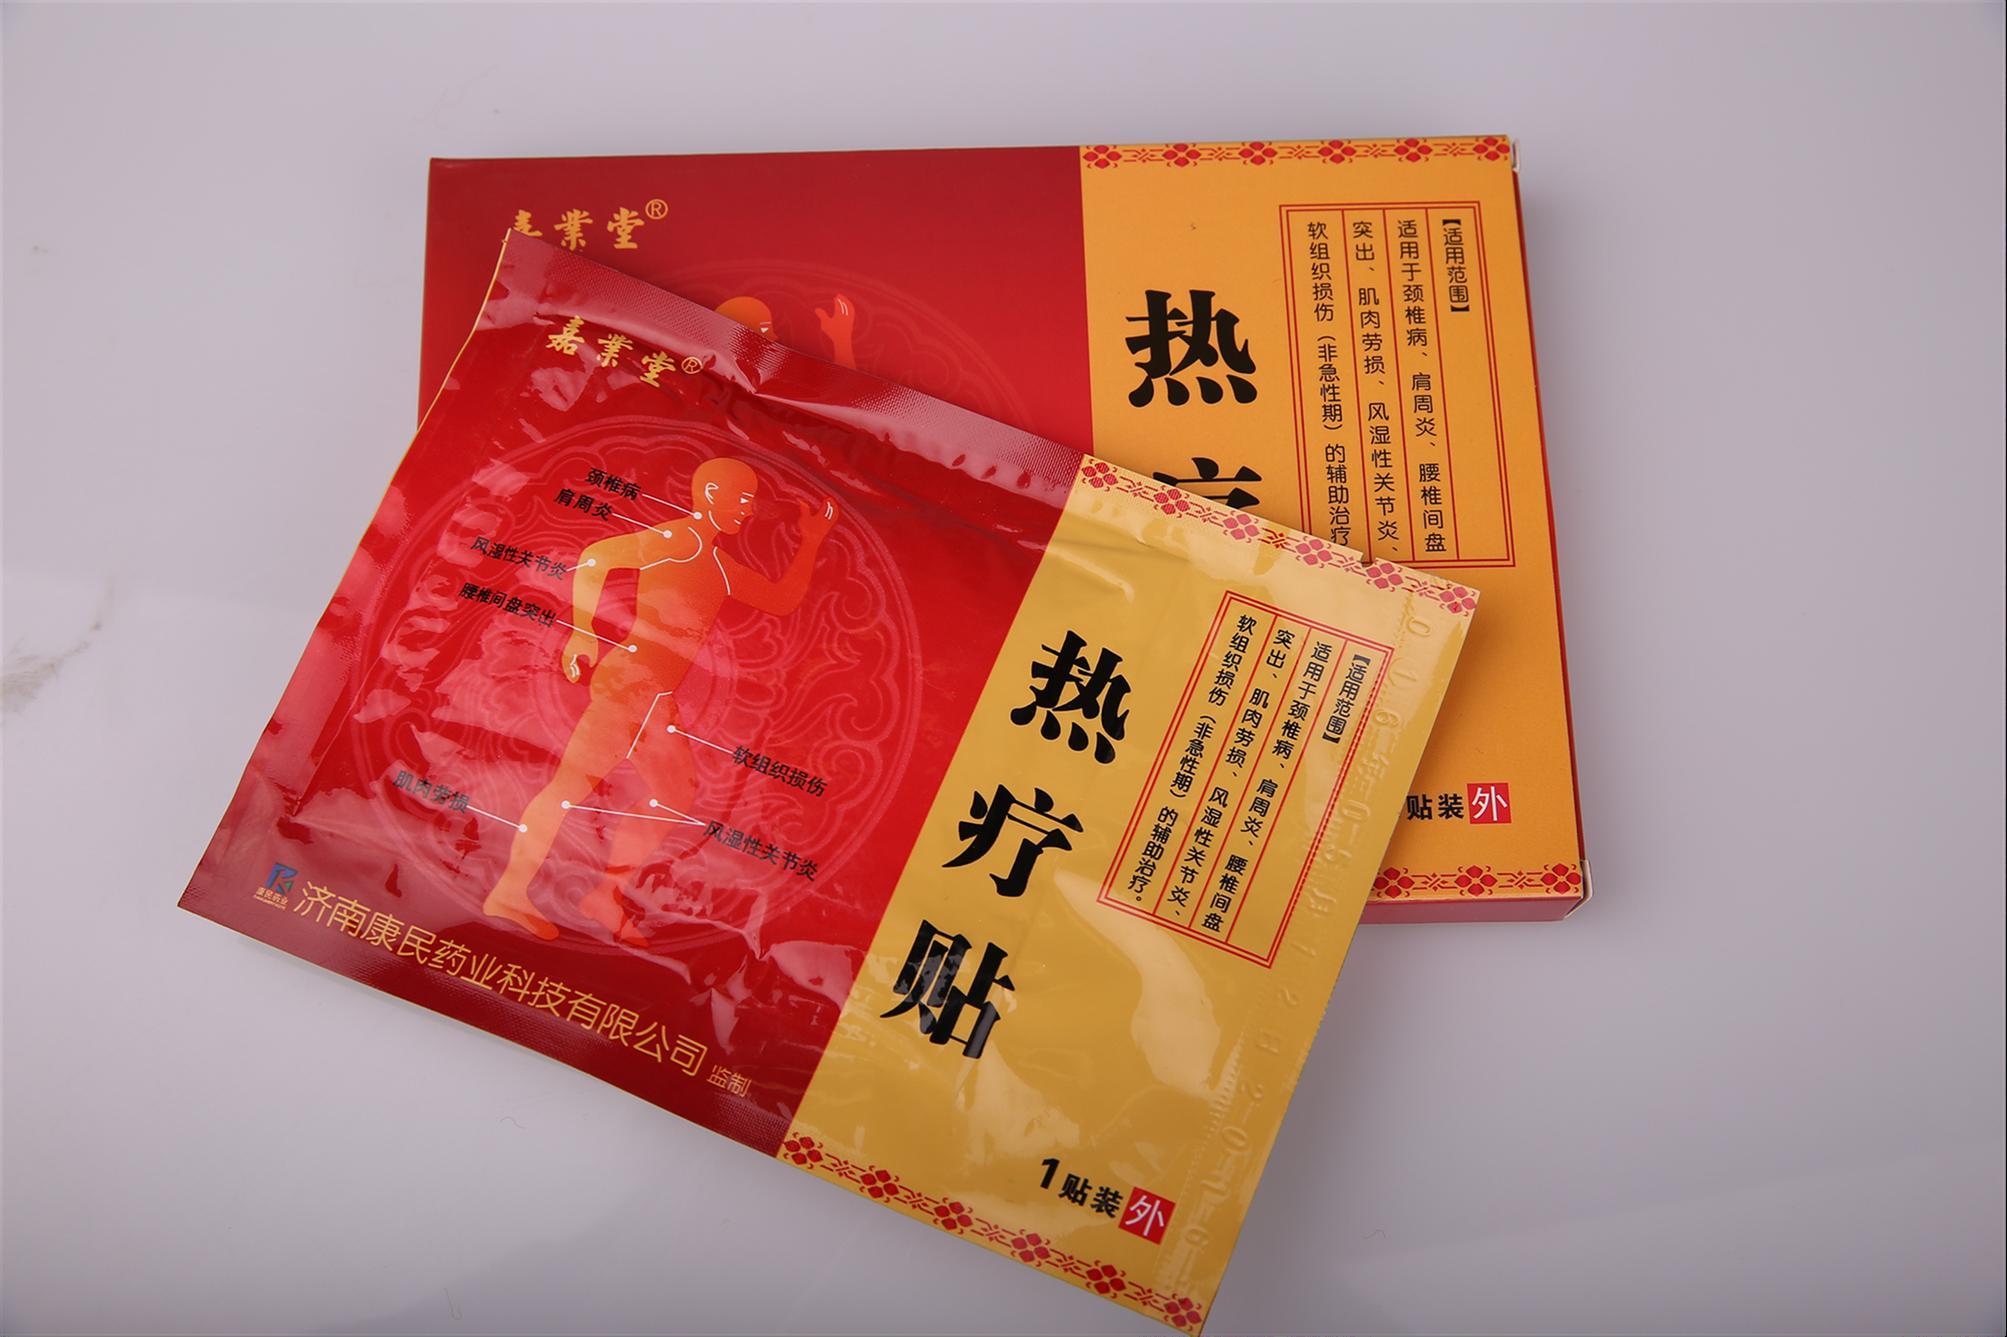 上海止咳贴销售价格